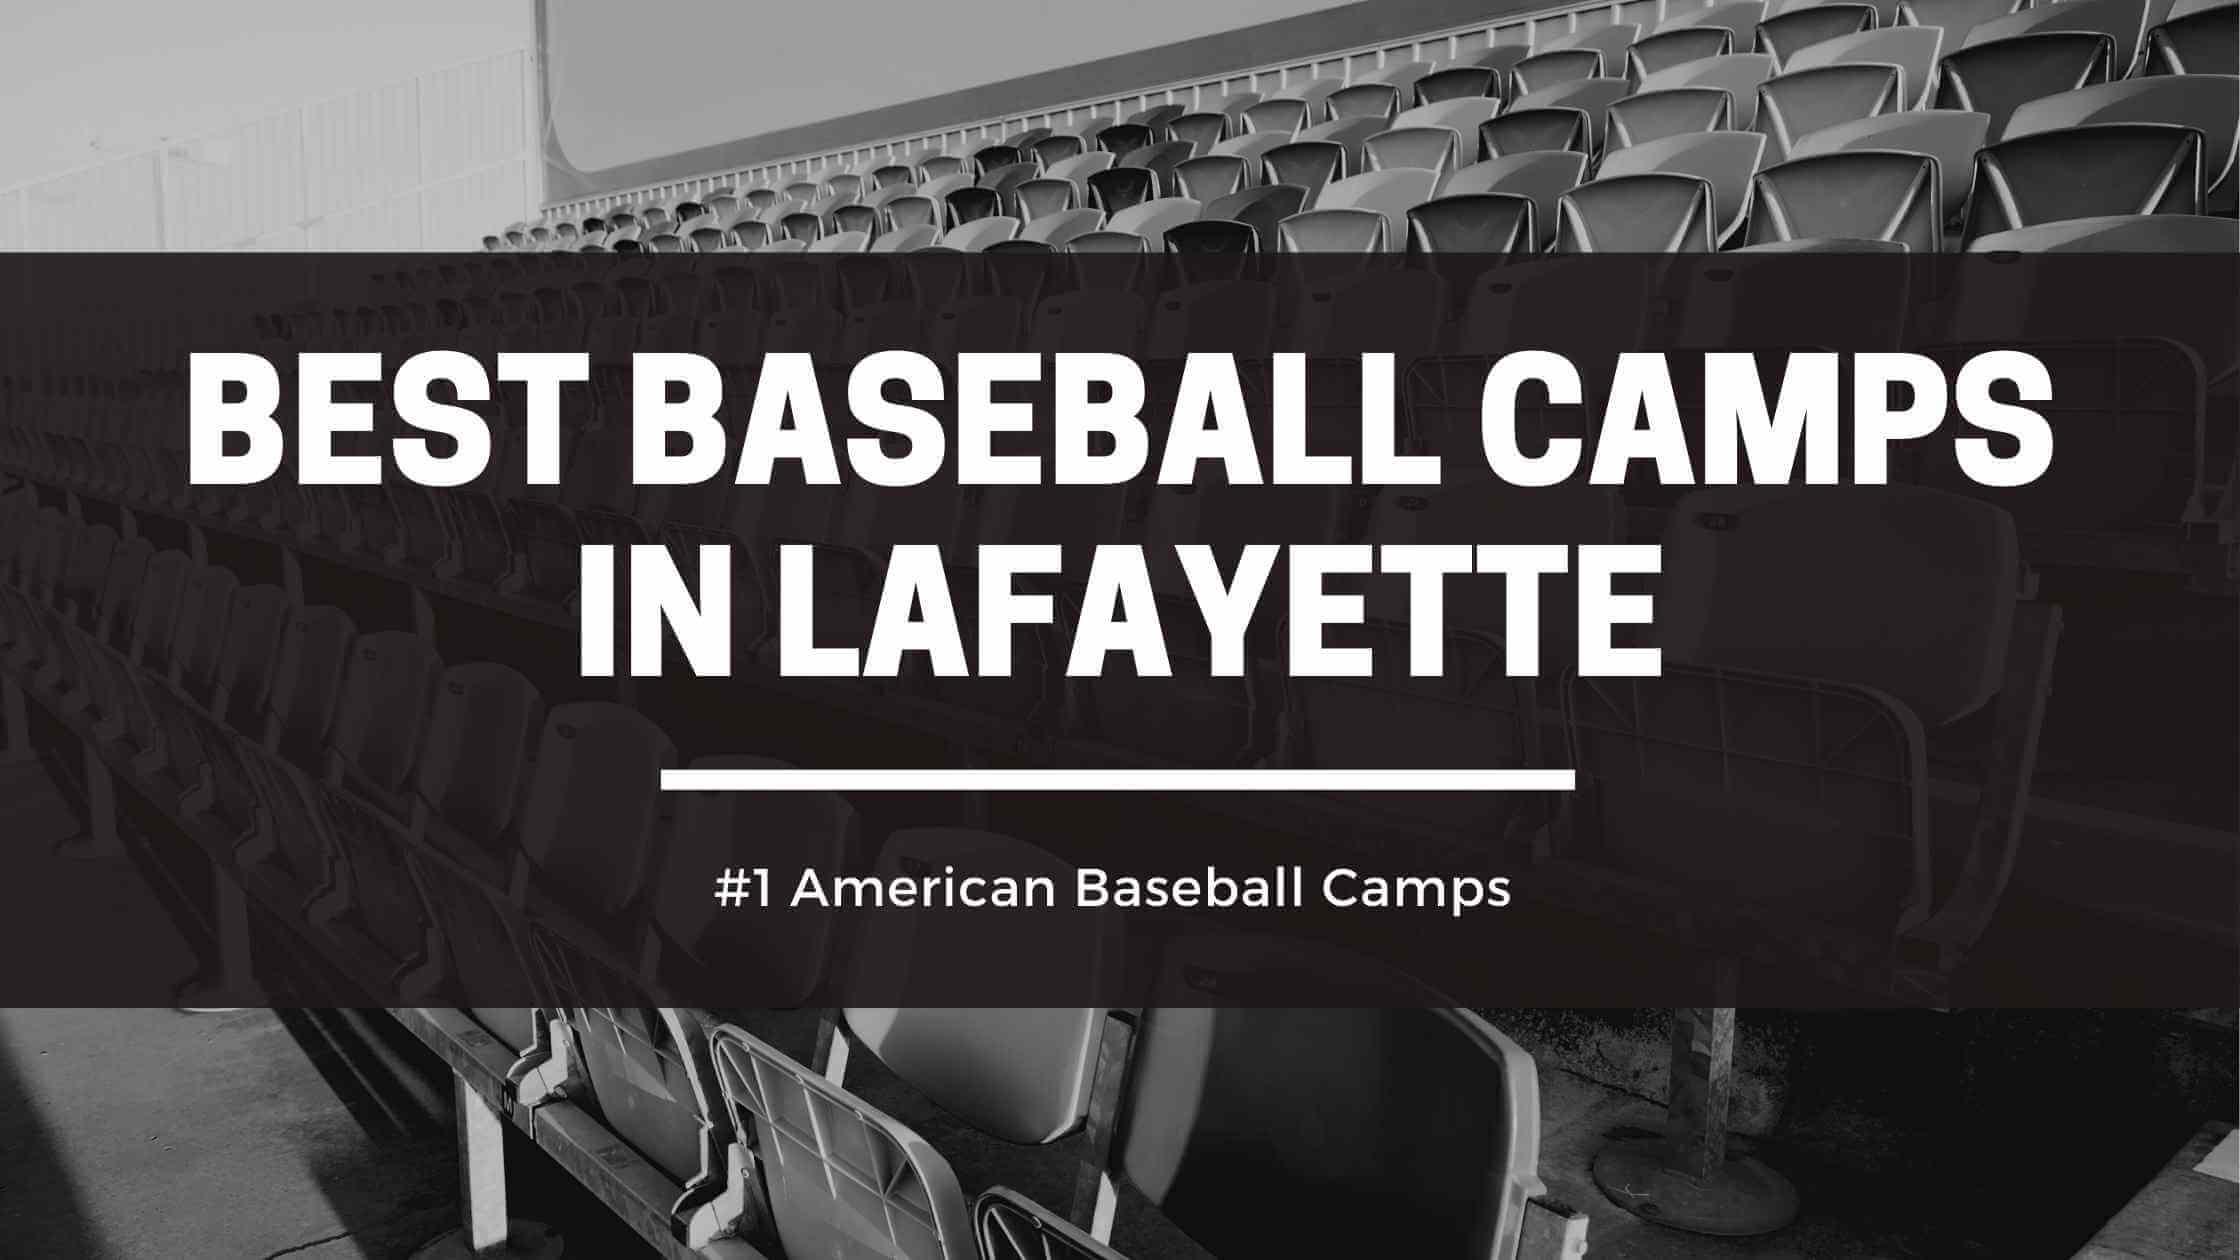 Best Baseball Camps in Lafayette Louisiana